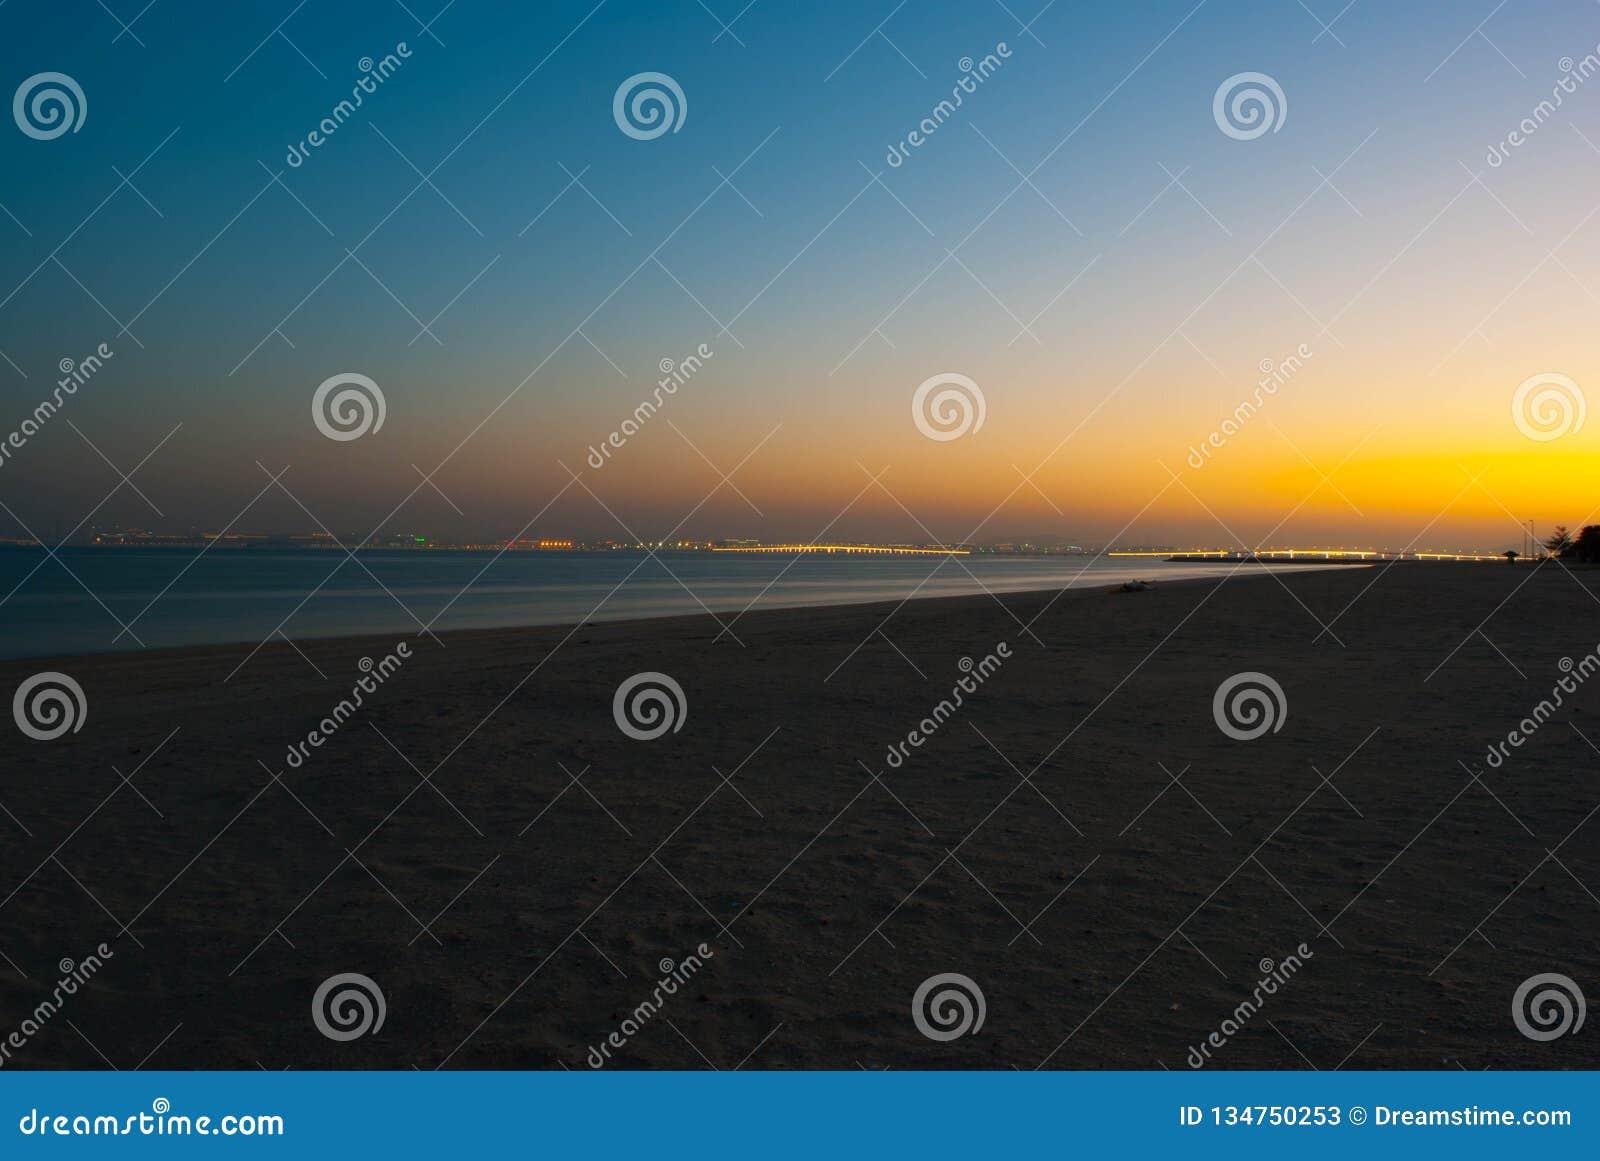 海和海滩夜